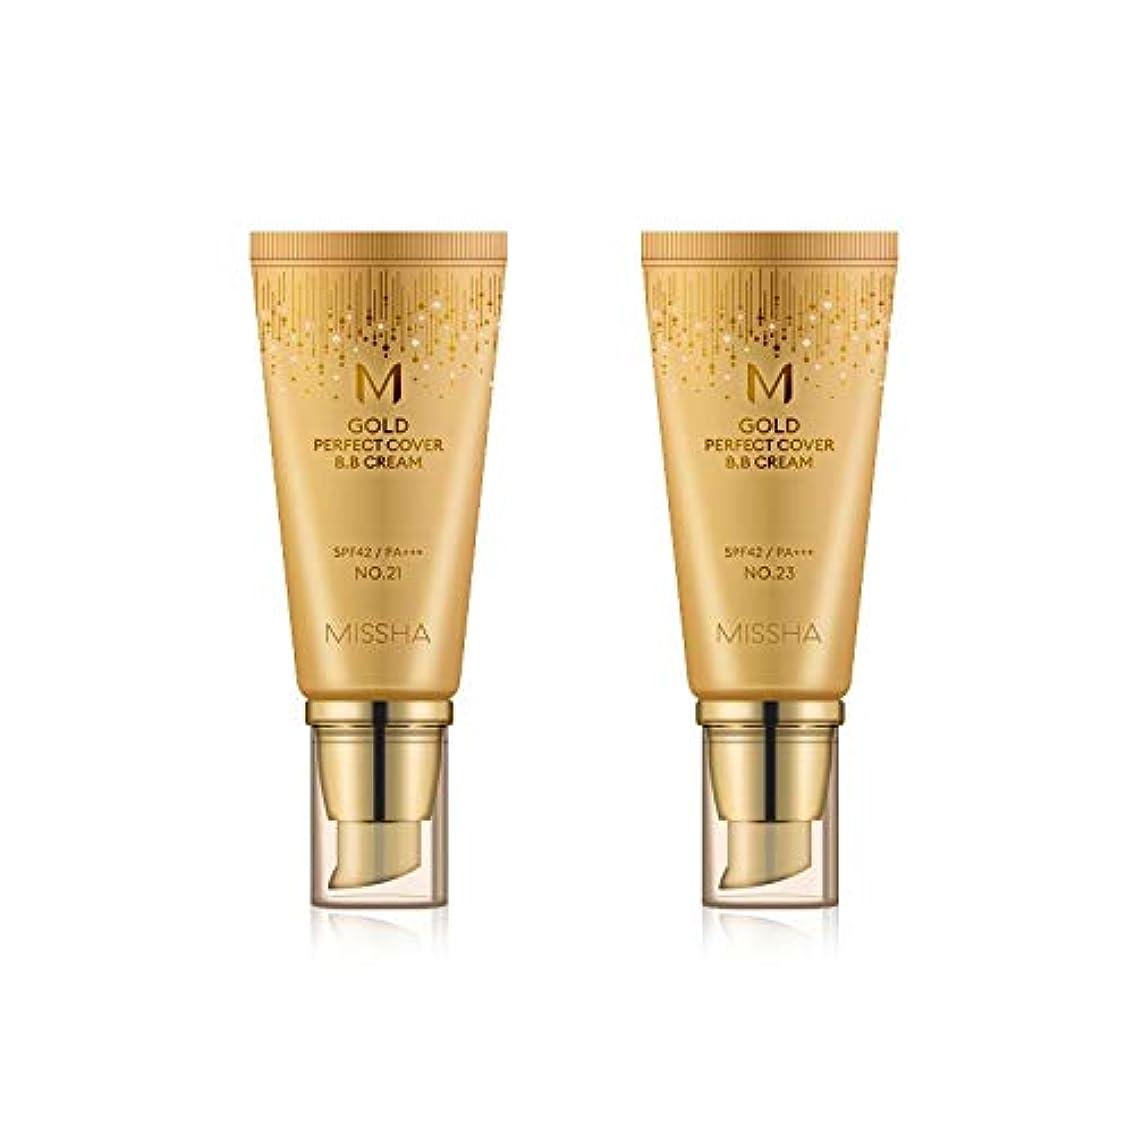 追跡布かもめMISSHA Gold Perfecte Cover BB Cream SPF42 PA+++ / ミシャ ゴールド パーフェクト カバー BBクリーム 50ml *NO.23 [並行輸入品]